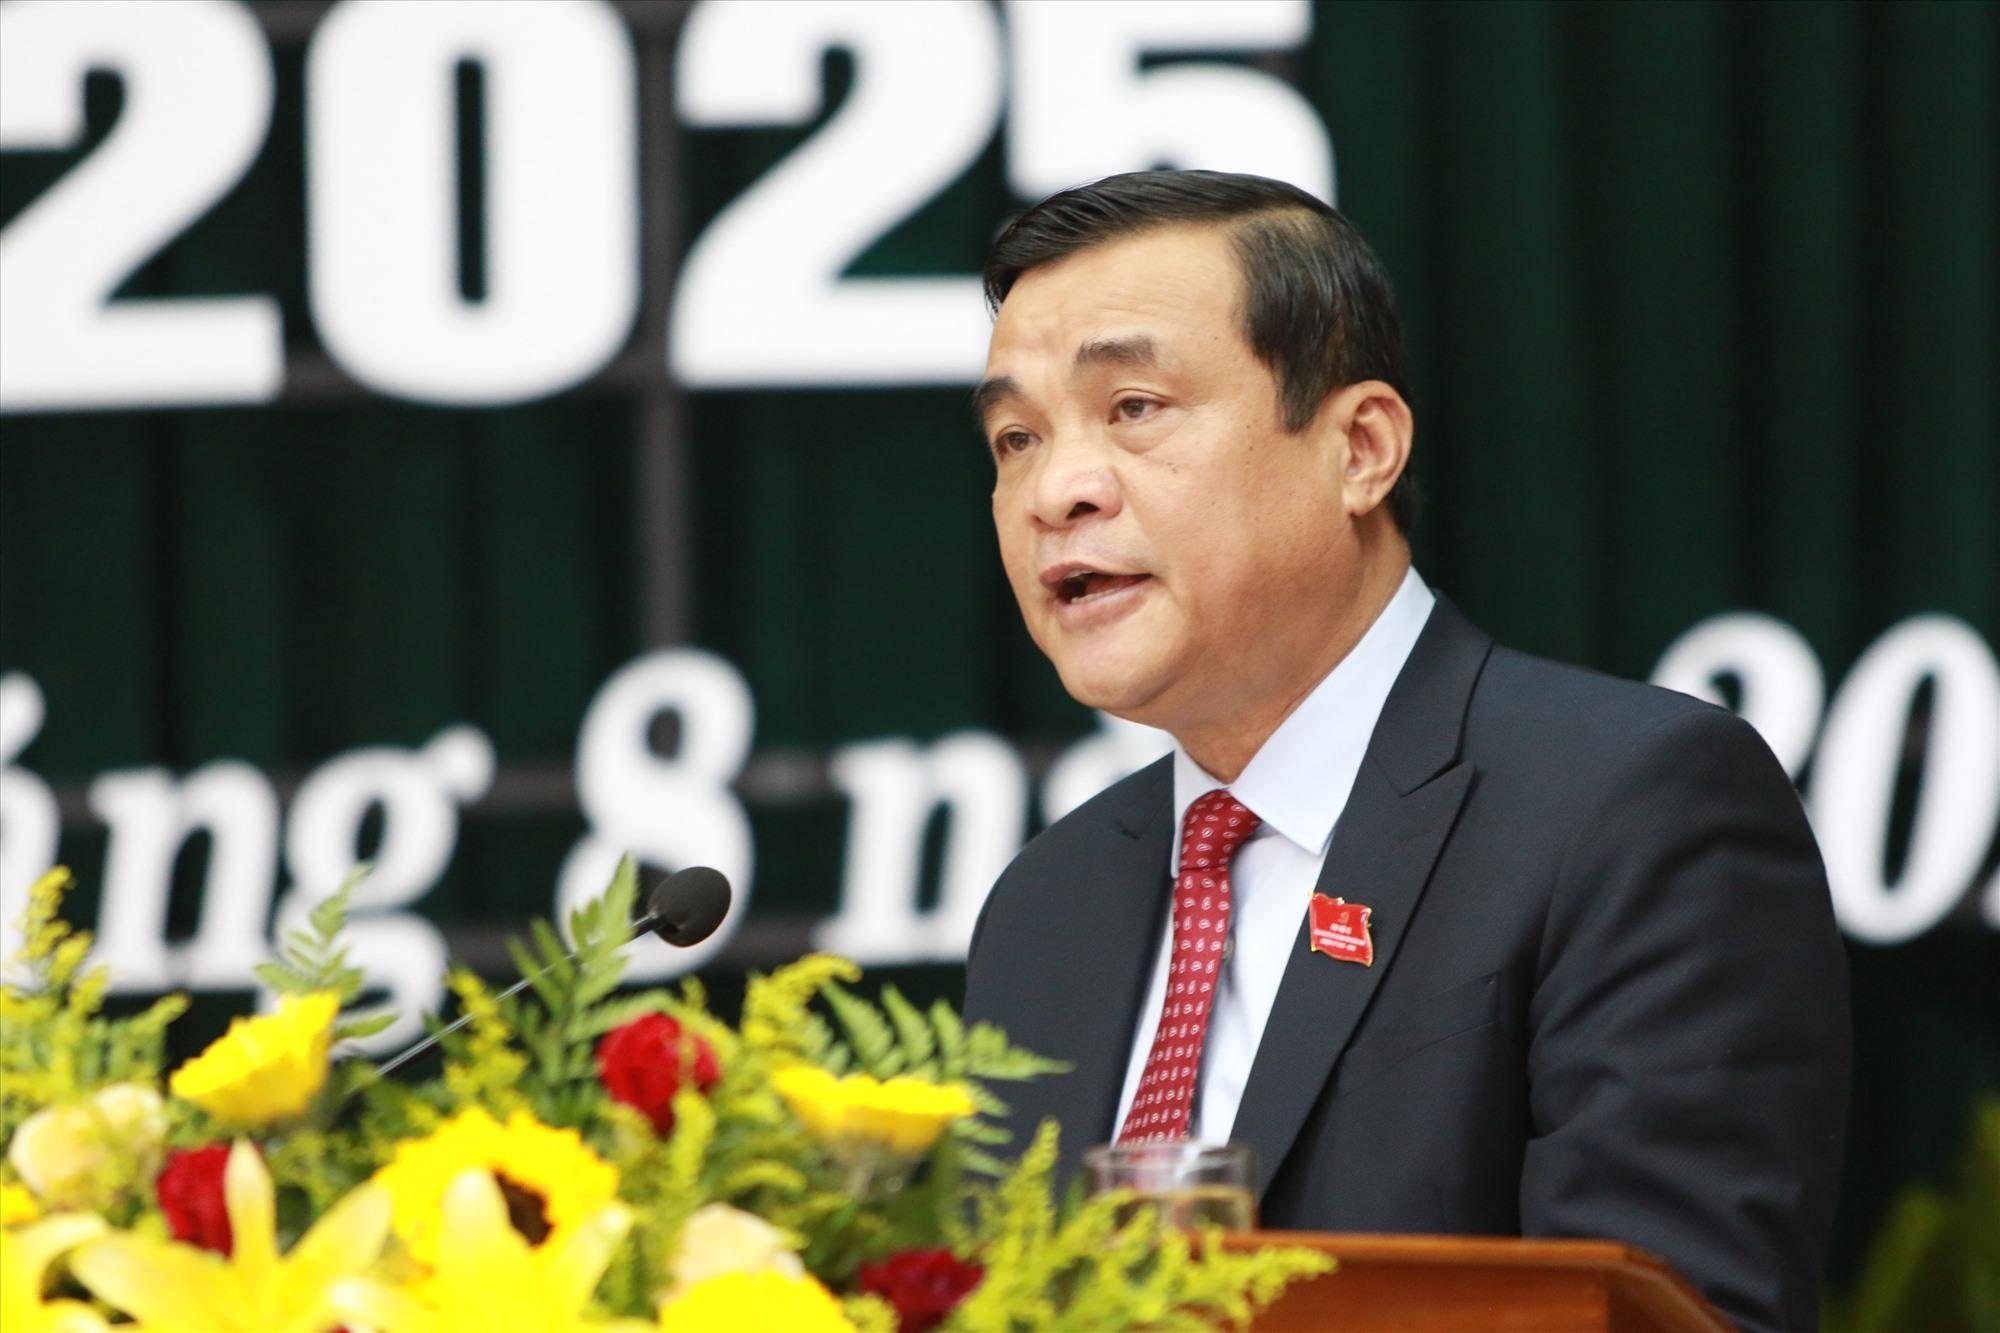 Bí thư Tỉnh ủy Phan Việt Cường phát biểu chỉ đạo tại đại hội. Ảnh: Đ.C